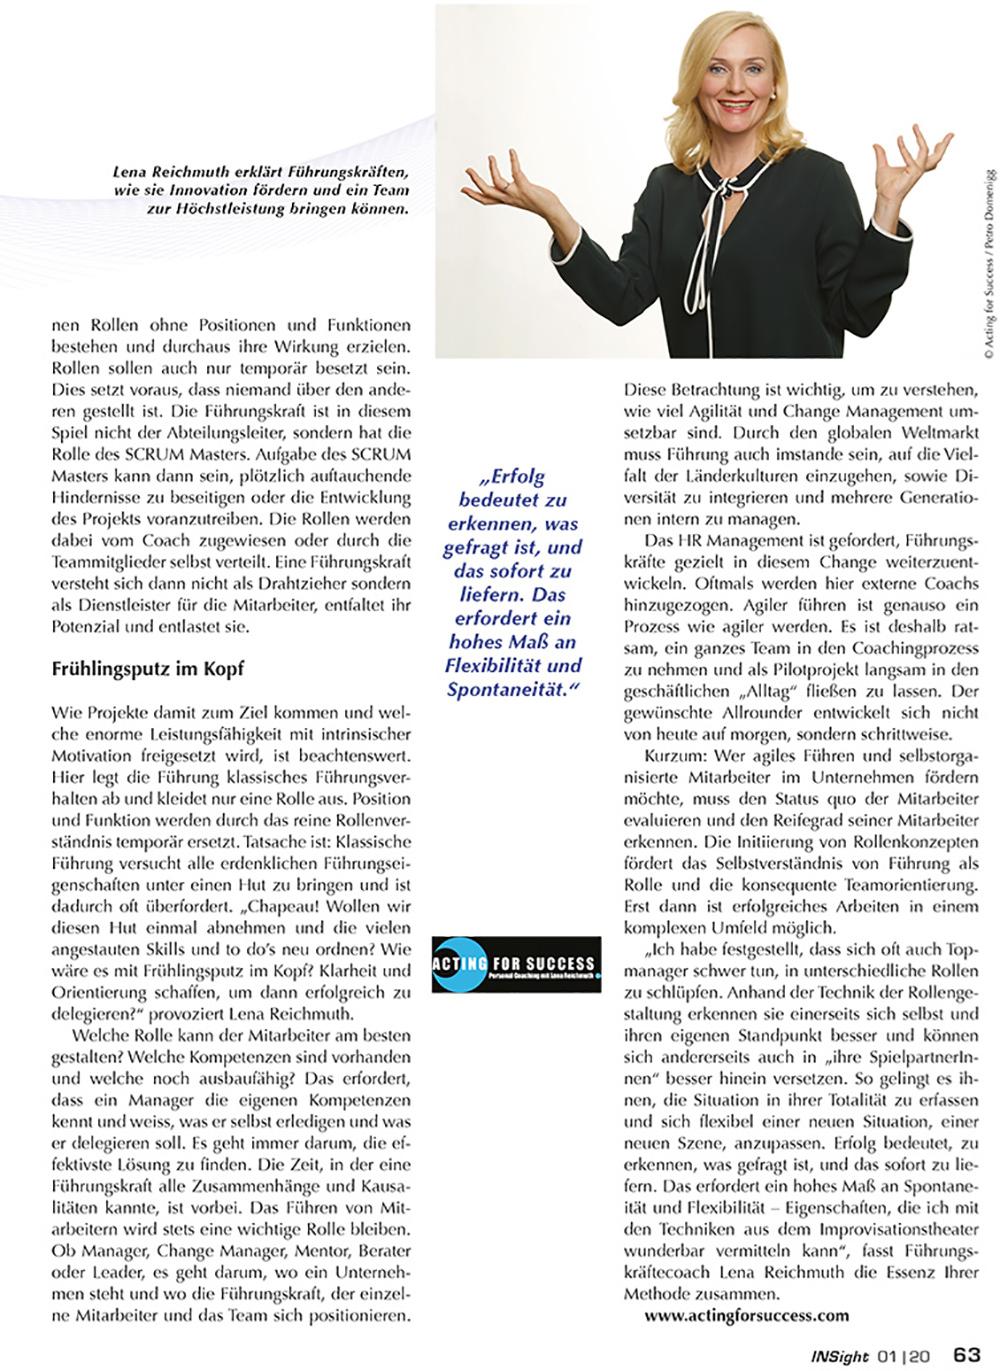 """LENA REICHMUTH - Presse - """"Transformation der Führungsrolle"""""""